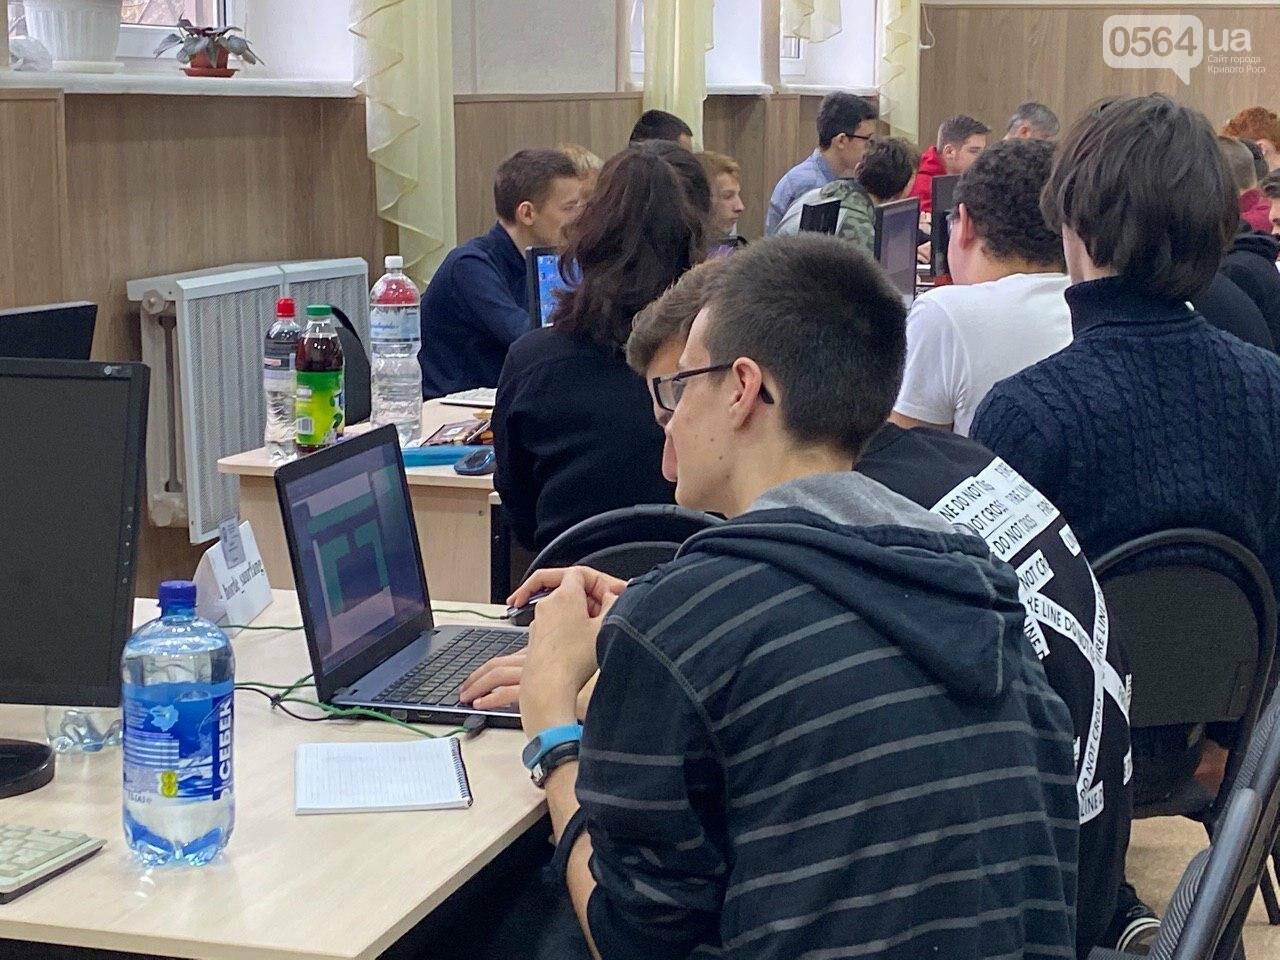 Впервые в Кривом Роге проходит Всеукраинский турнир юных информатиков, - ФОТО, фото-15